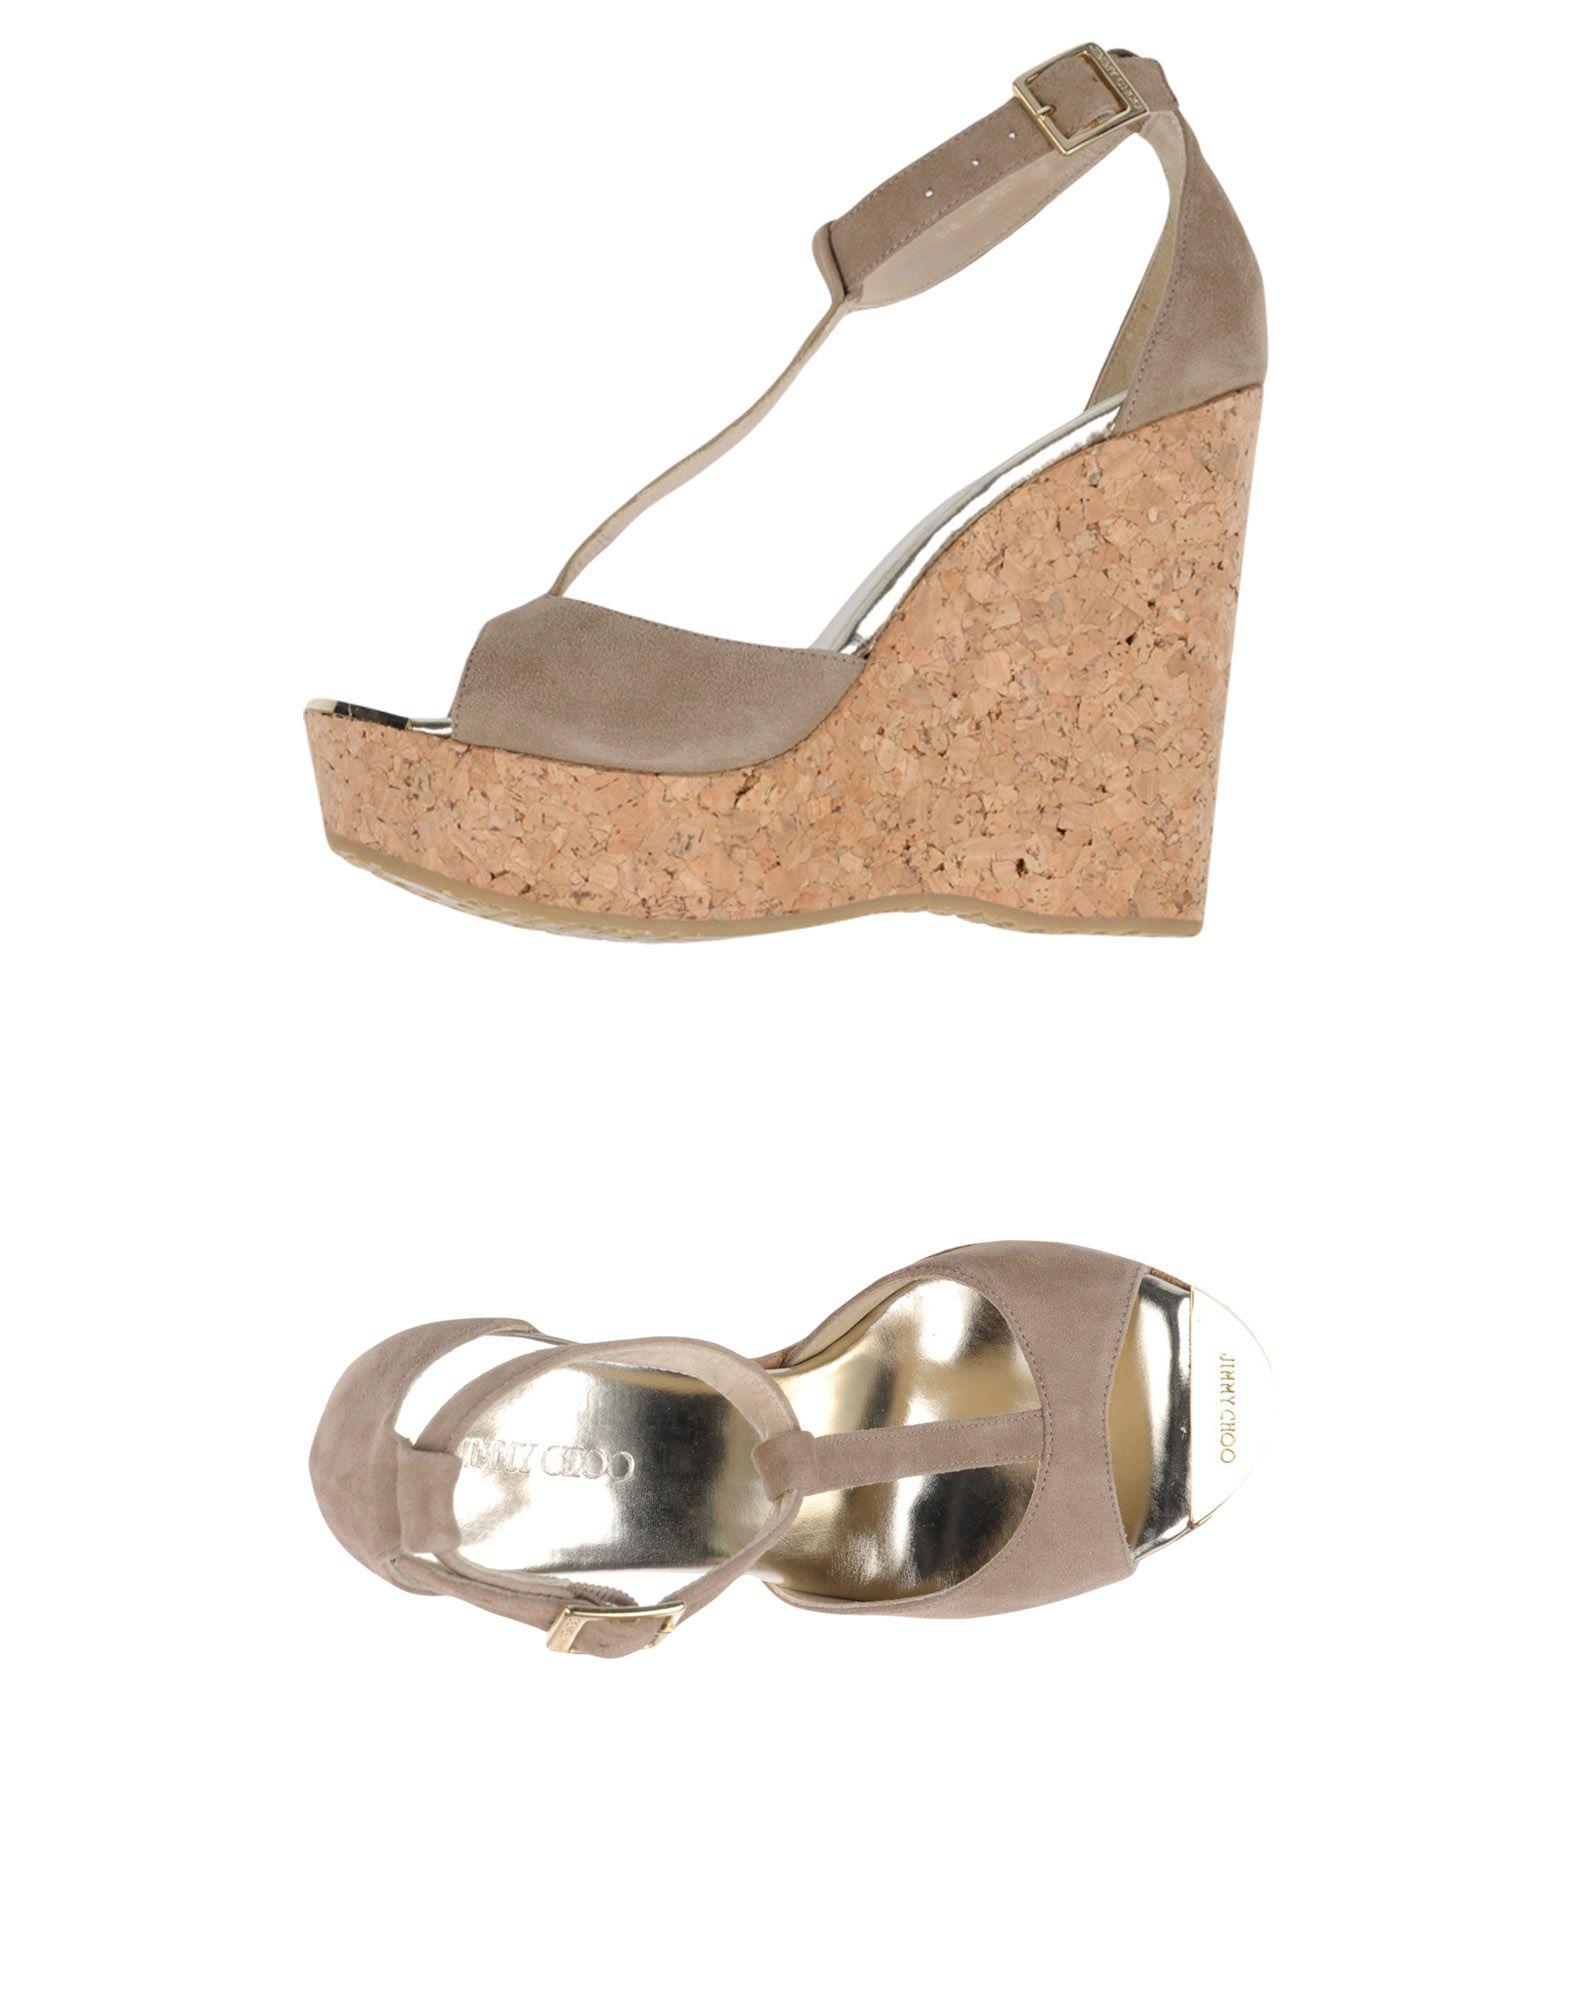 Klassischer Gutes Stil-2880,Jimmy Choo Sandalen Damen Gutes Klassischer Preis-Leistungs-Verhältnis, es lohnt sich bbb2d3